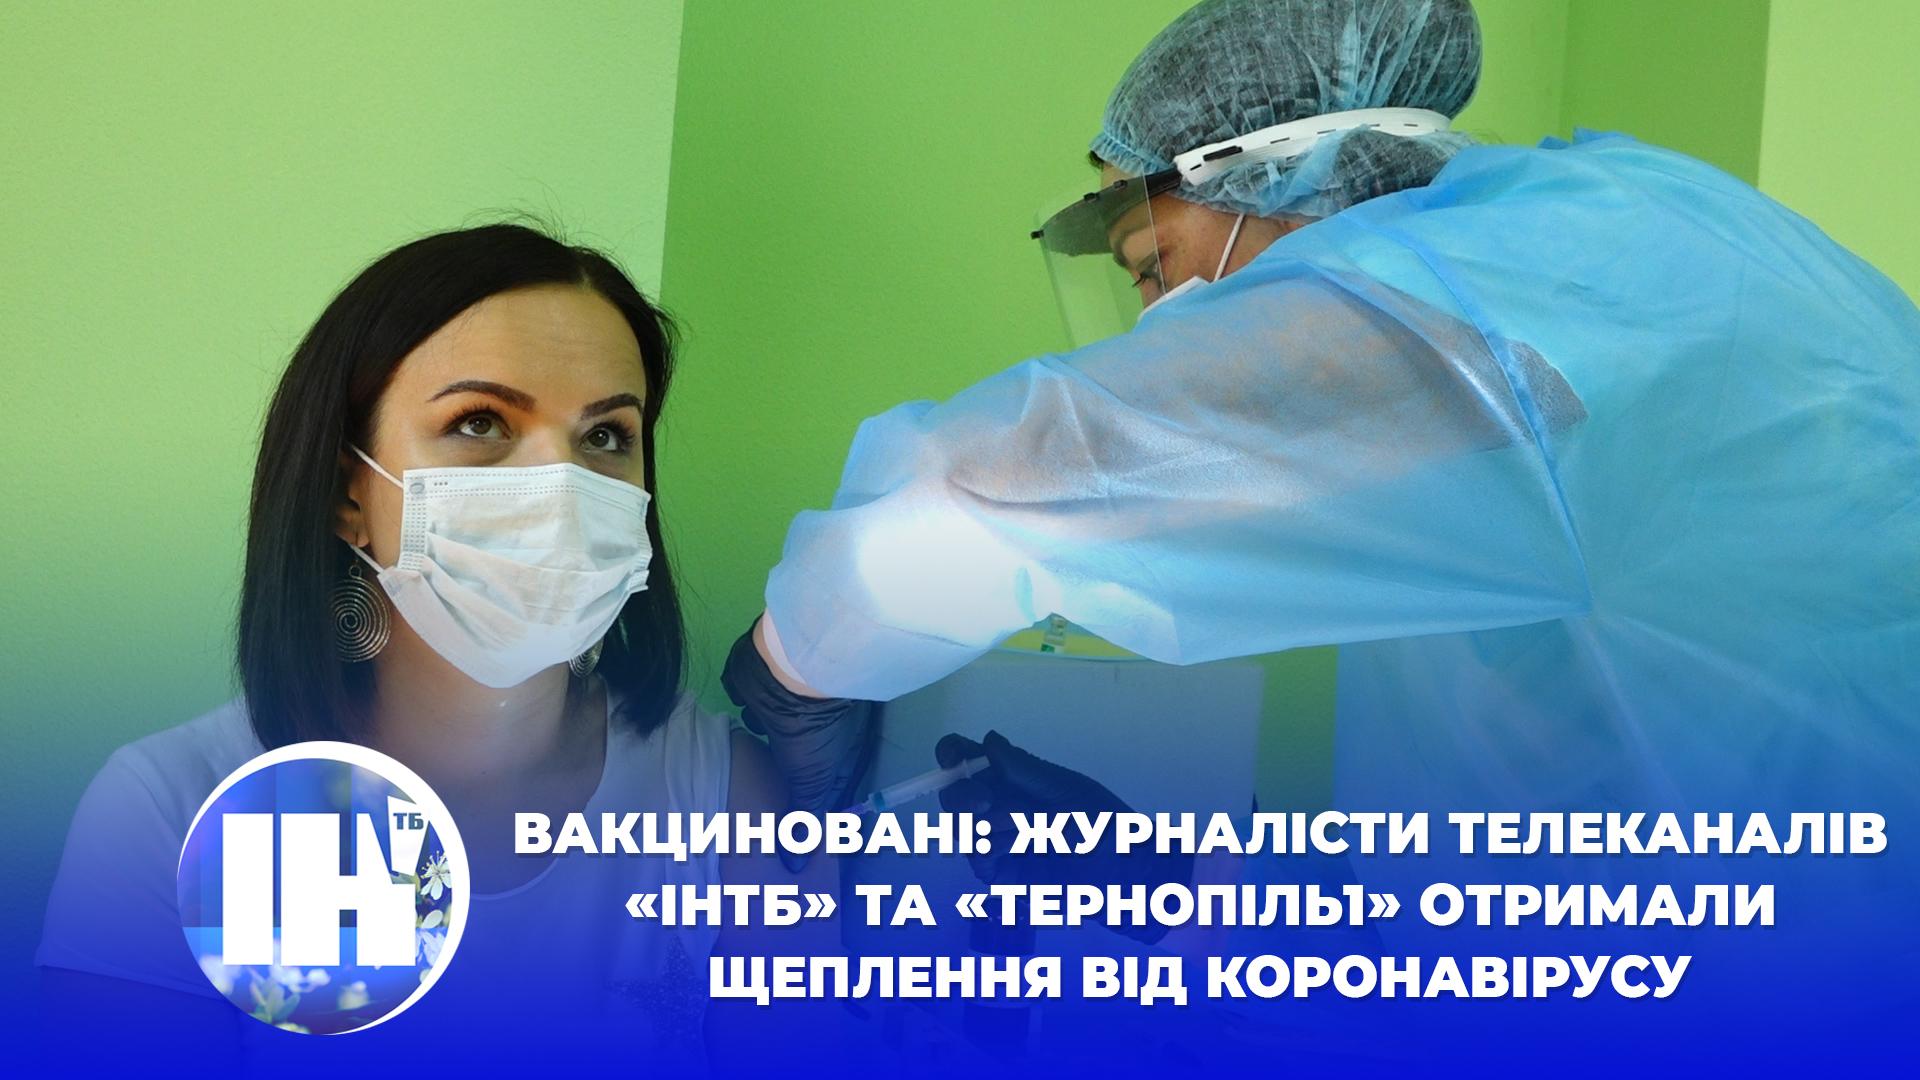 Вакциновані: журналісти телеканалів «ІНТБ» та «Тернопіль1» отримали щеплення від коронавірусу